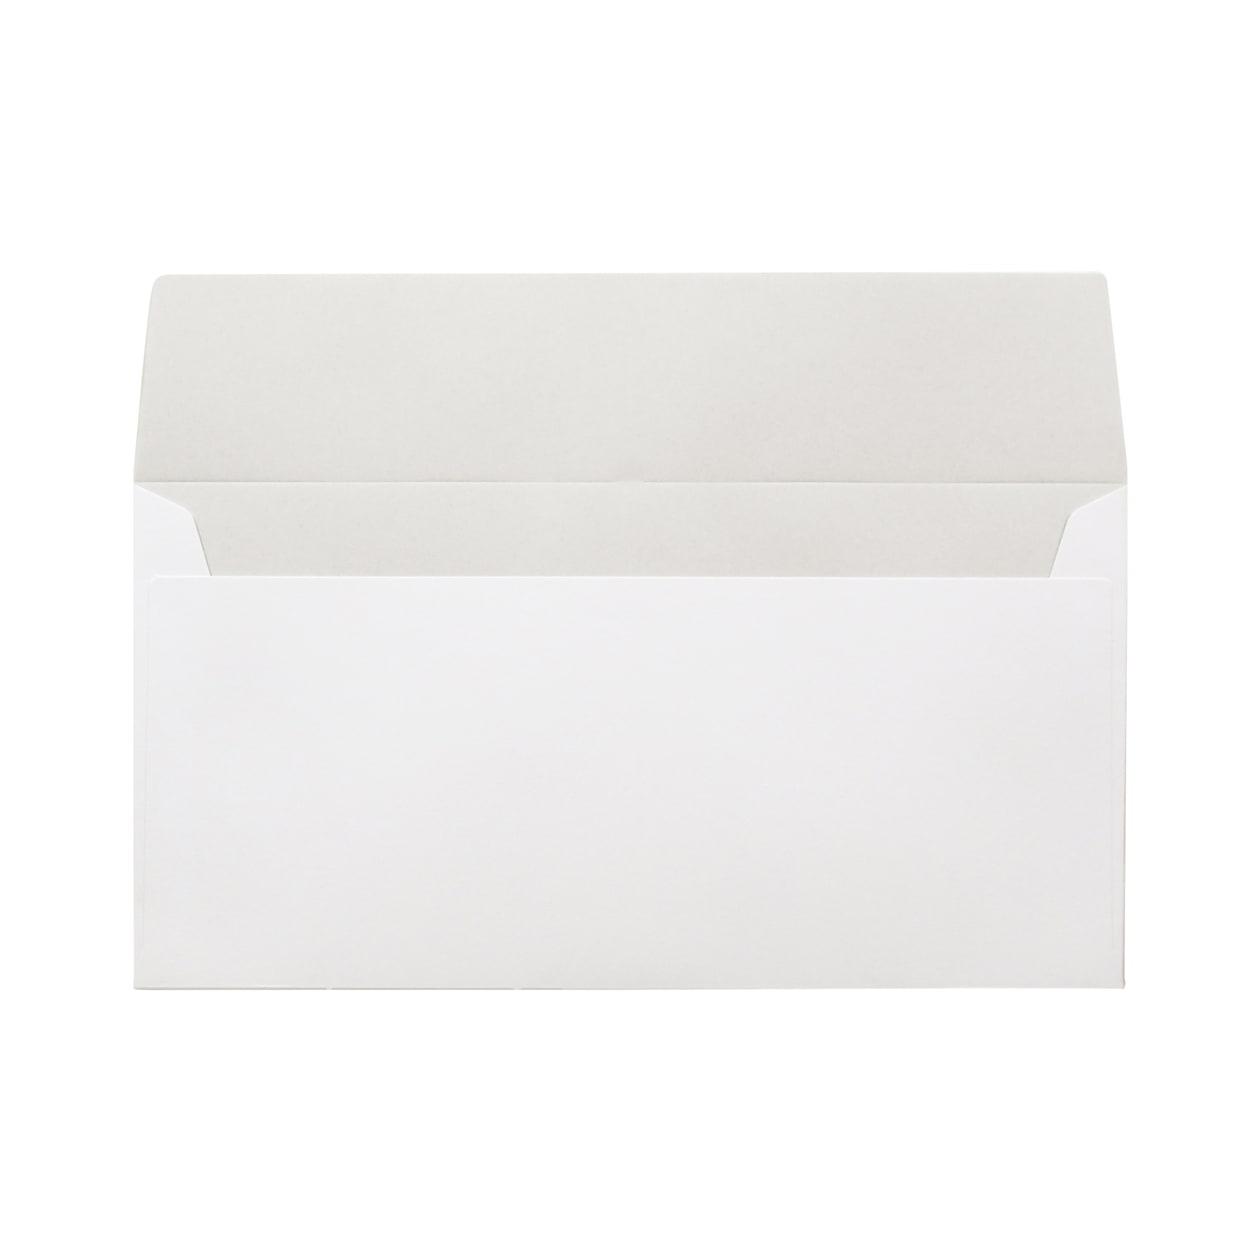 サンプル 封筒・袋 00168